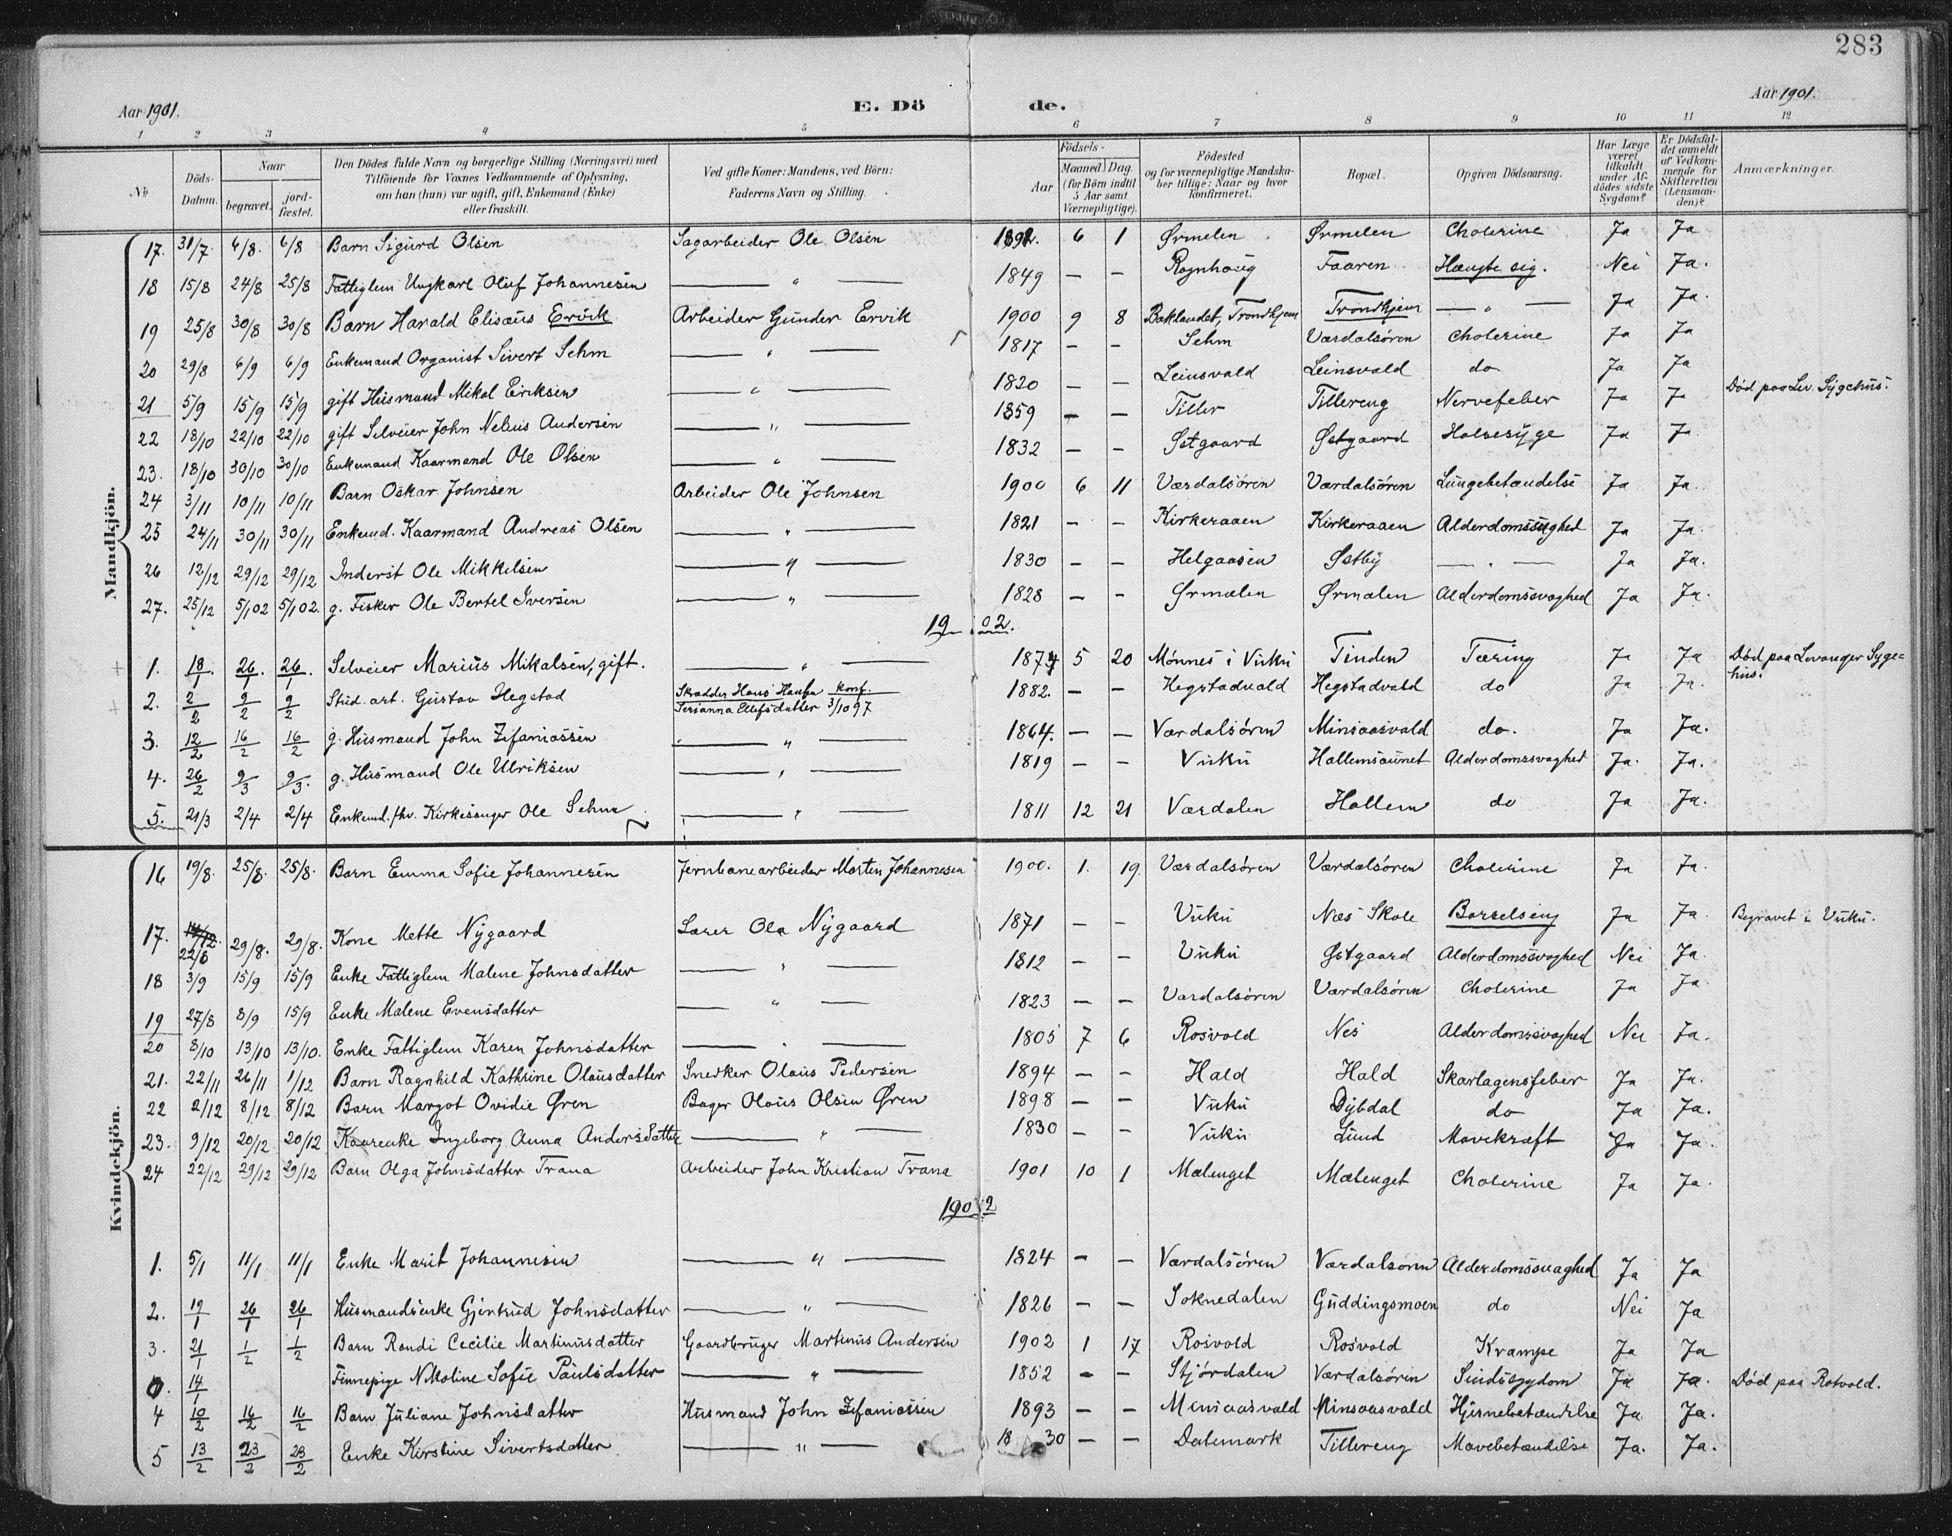 SAT, Ministerialprotokoller, klokkerbøker og fødselsregistre - Nord-Trøndelag, 723/L0246: Ministerialbok nr. 723A15, 1900-1917, s. 283